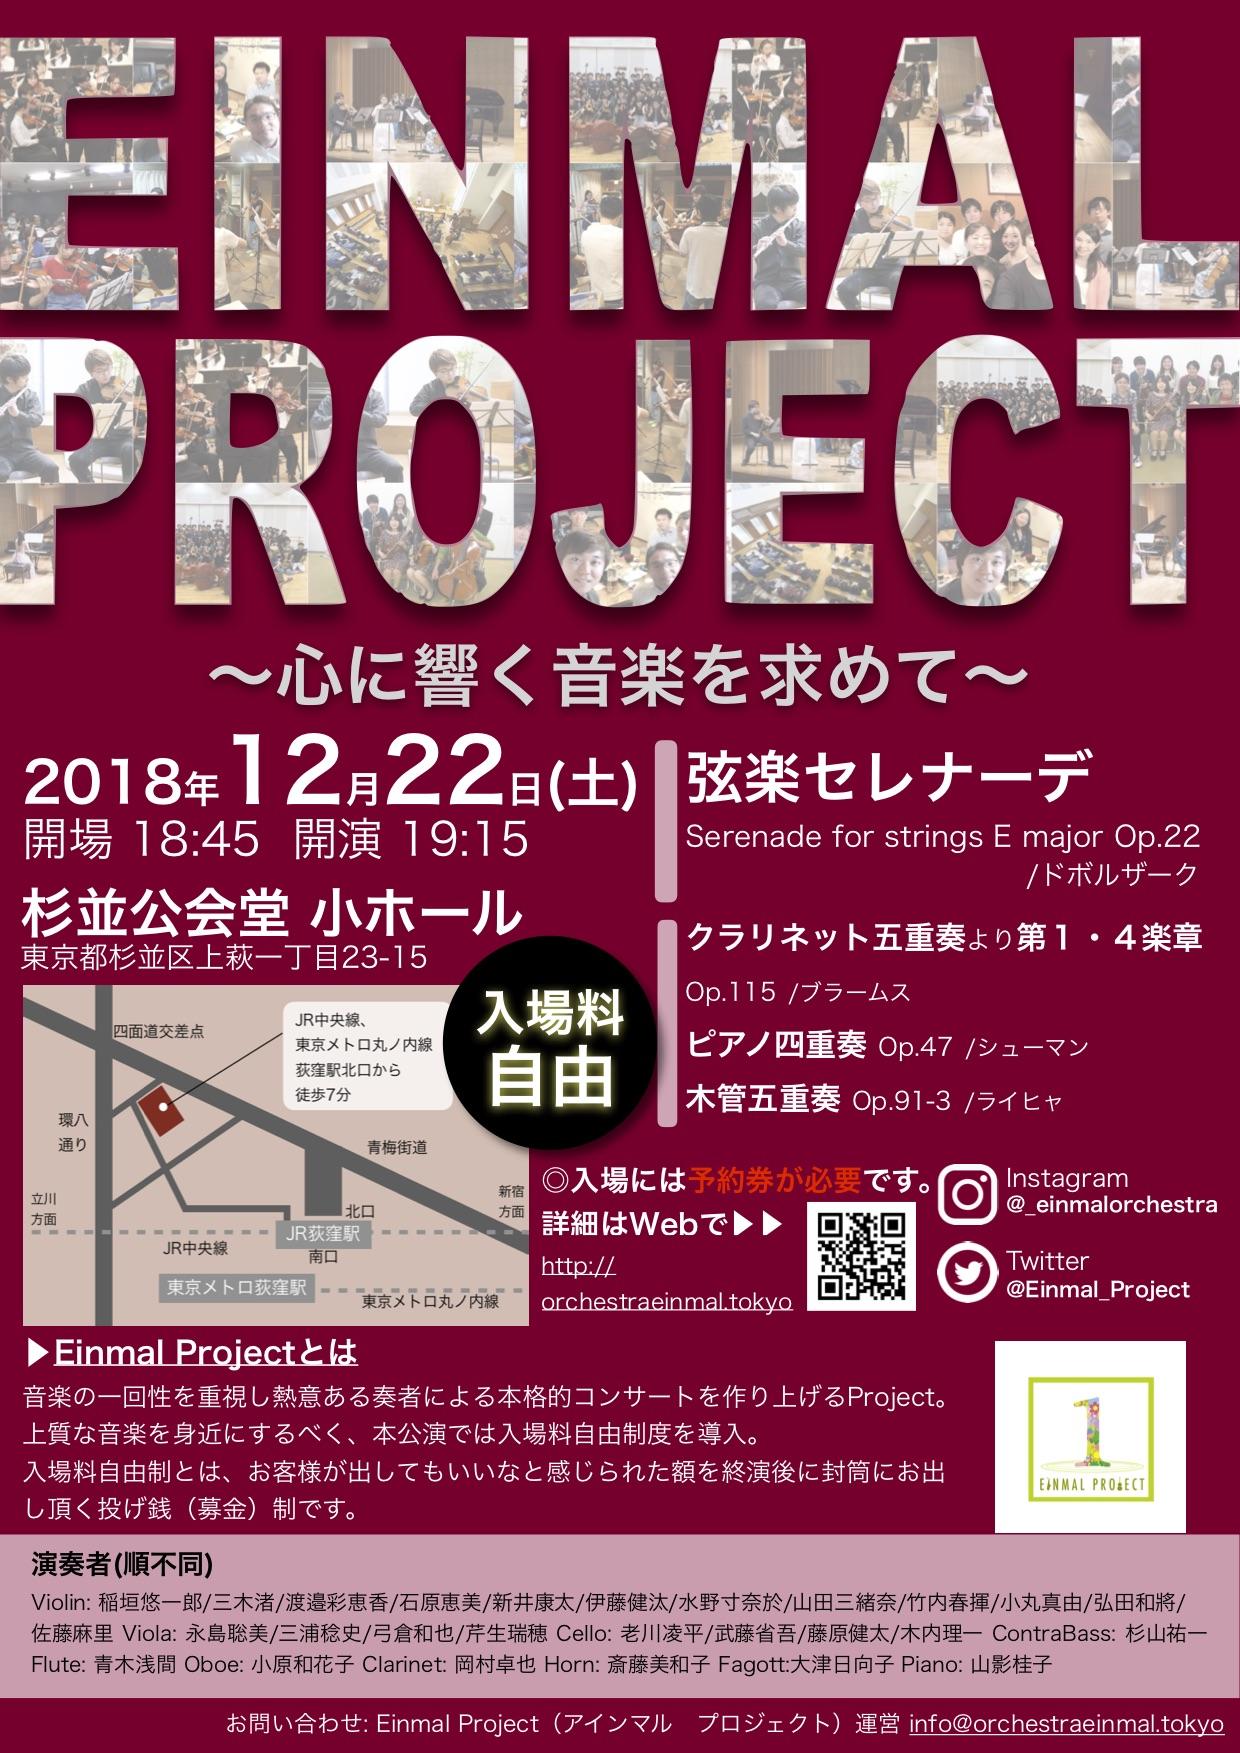 残り(少)枚数限定!Einmal Project 1st Concert 12/22 S席チケット販売中です